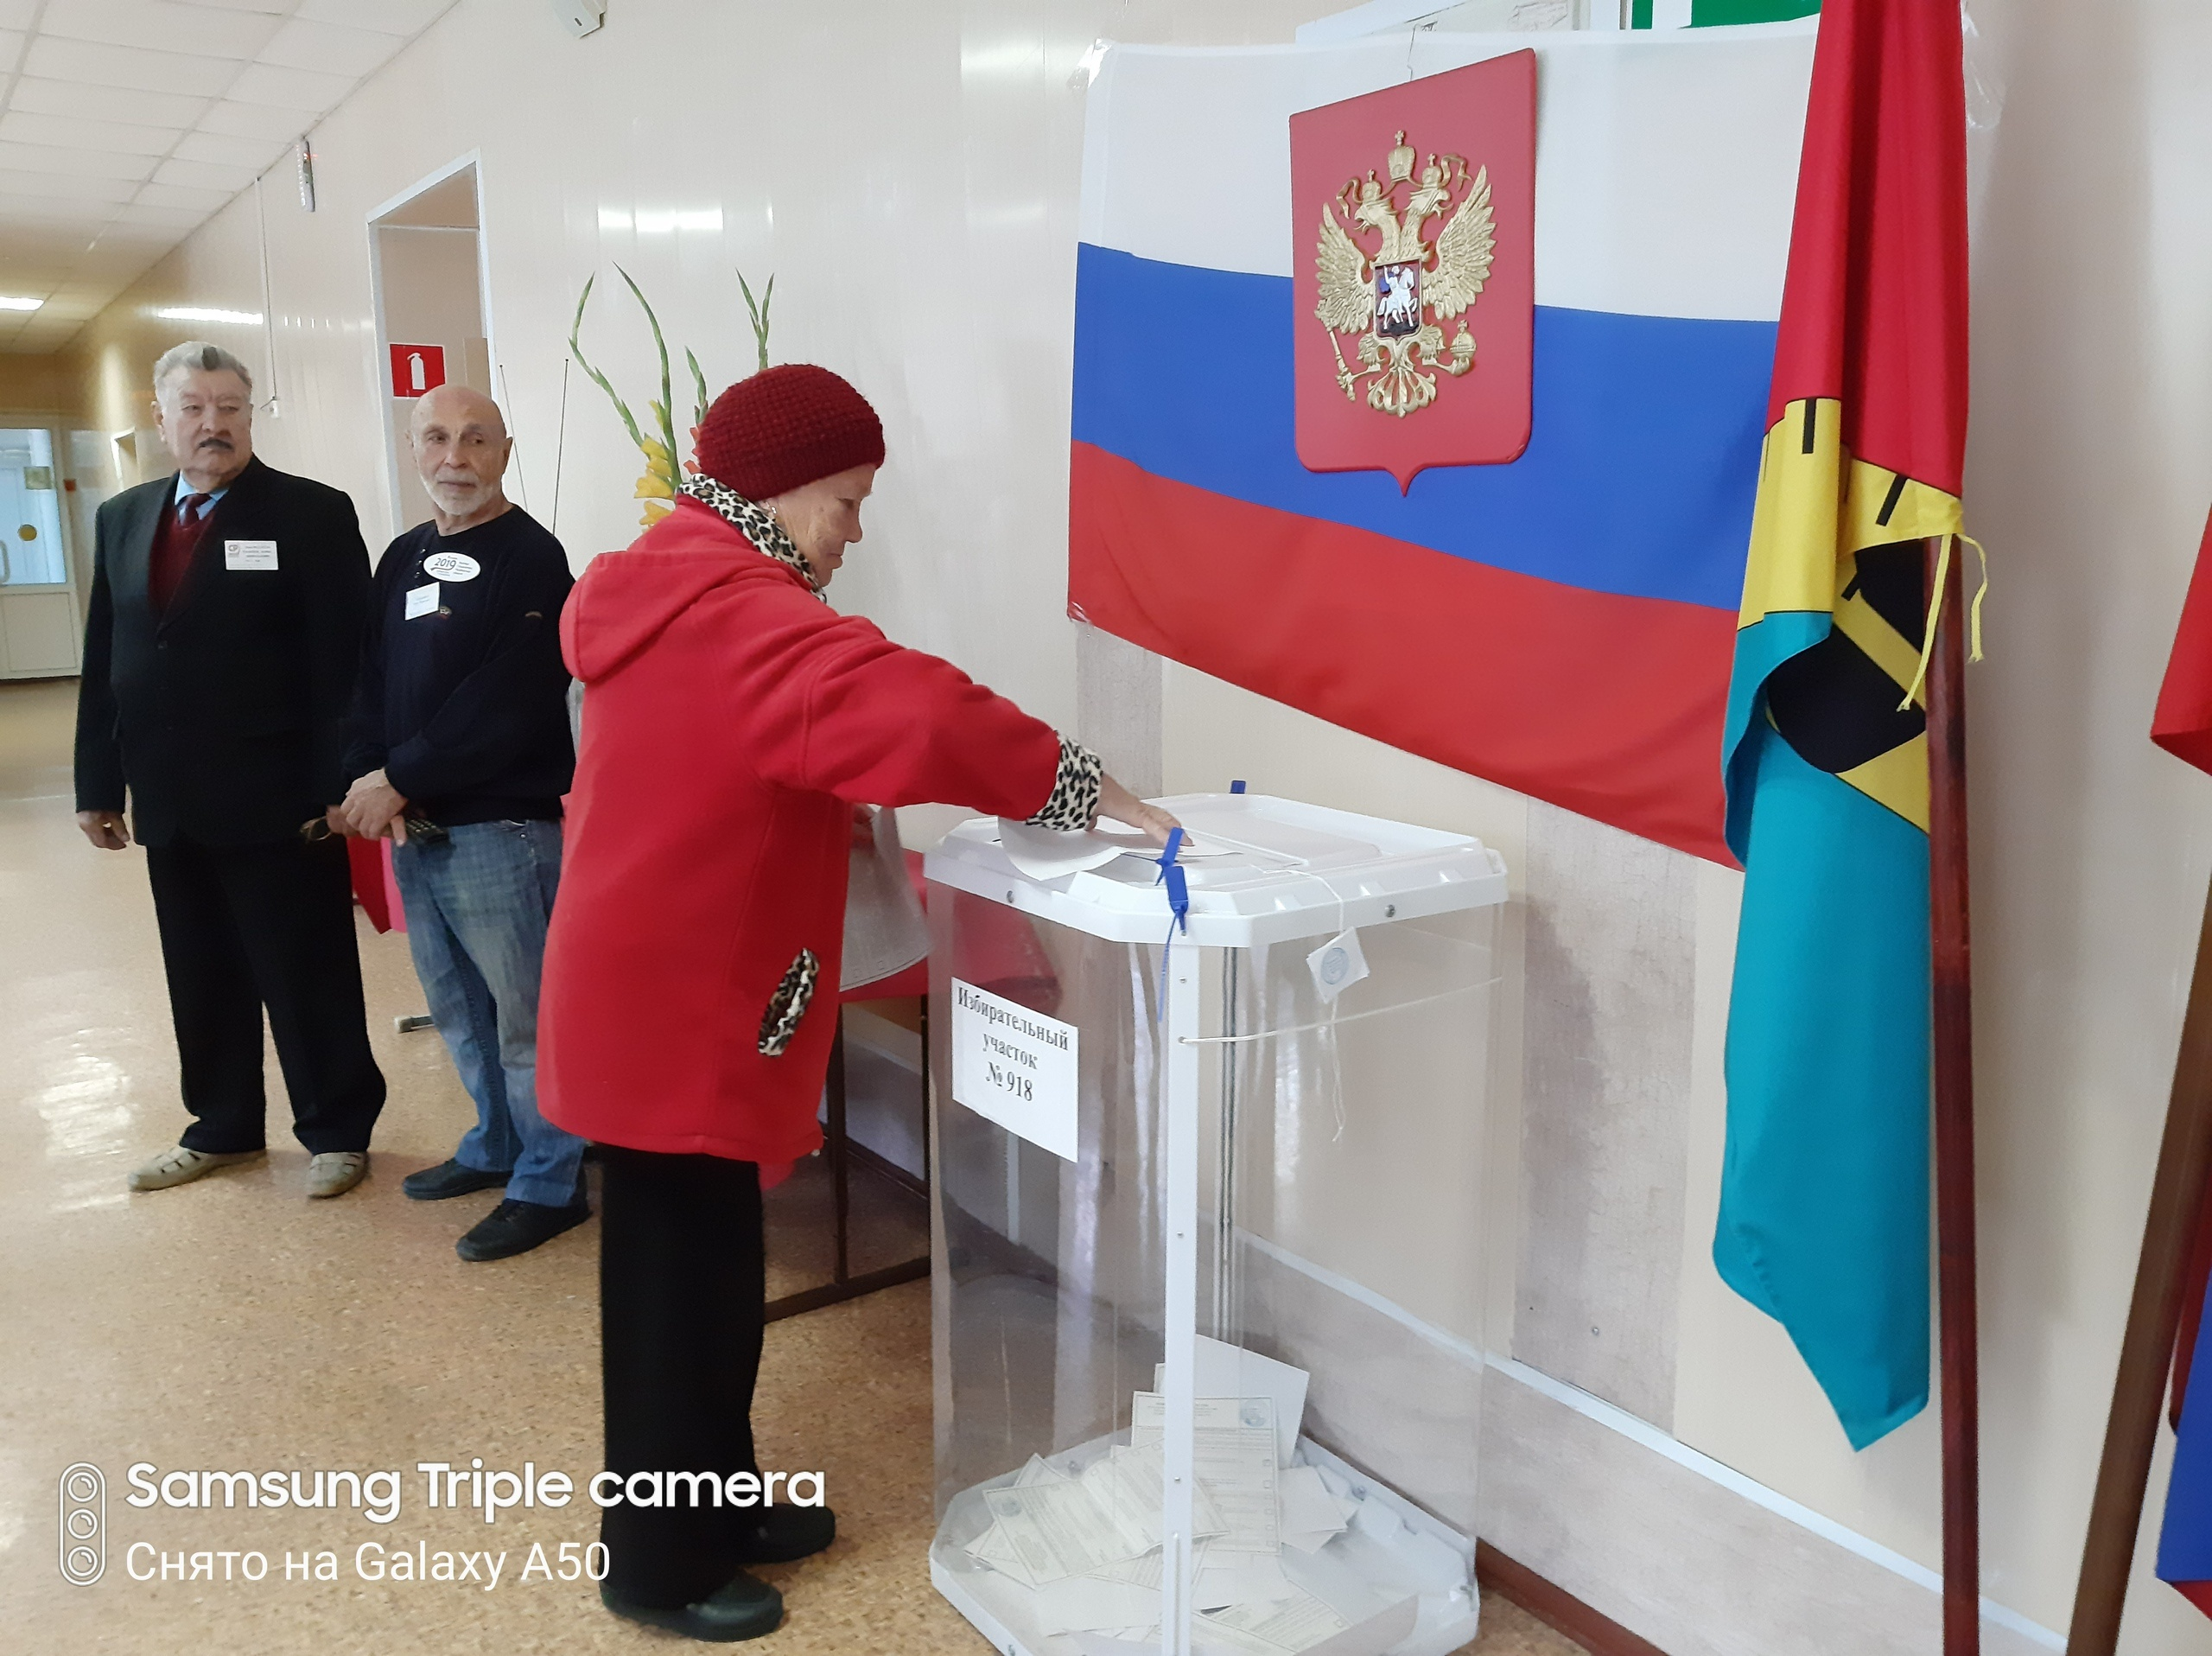 Выборы-2019: сегодня Трехгорный выбирает губернатора Челябинской области и местных депутатов